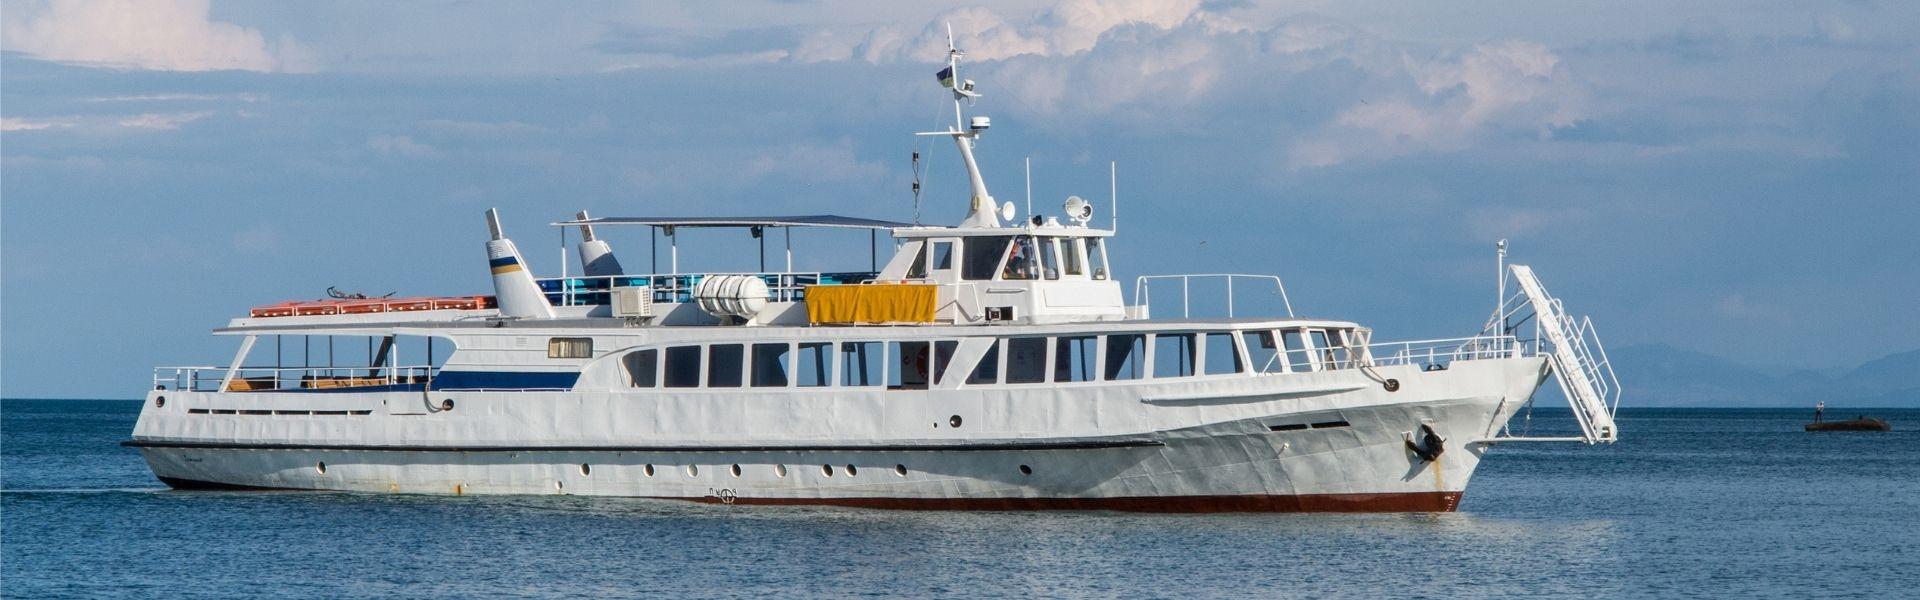 Оренда катера «Сармат-Дніпро» в Херсоні